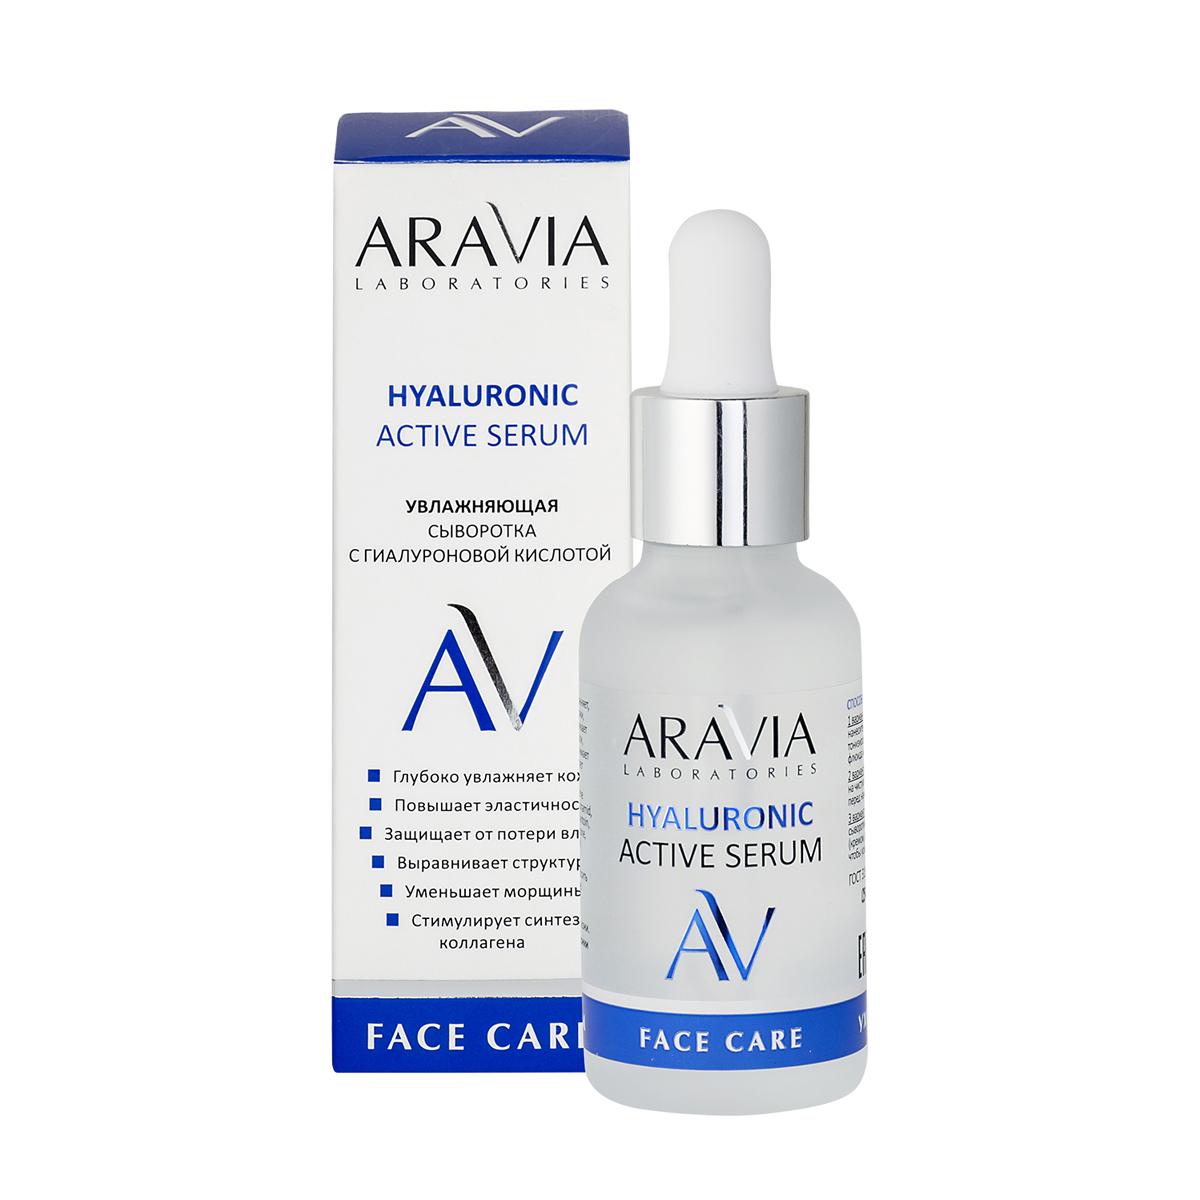 Aravia Laboratories Увлажняющая сыворотка с гиалуроновой кислотой, 30 мл (Aravia Laboratories, Уход за лицом)